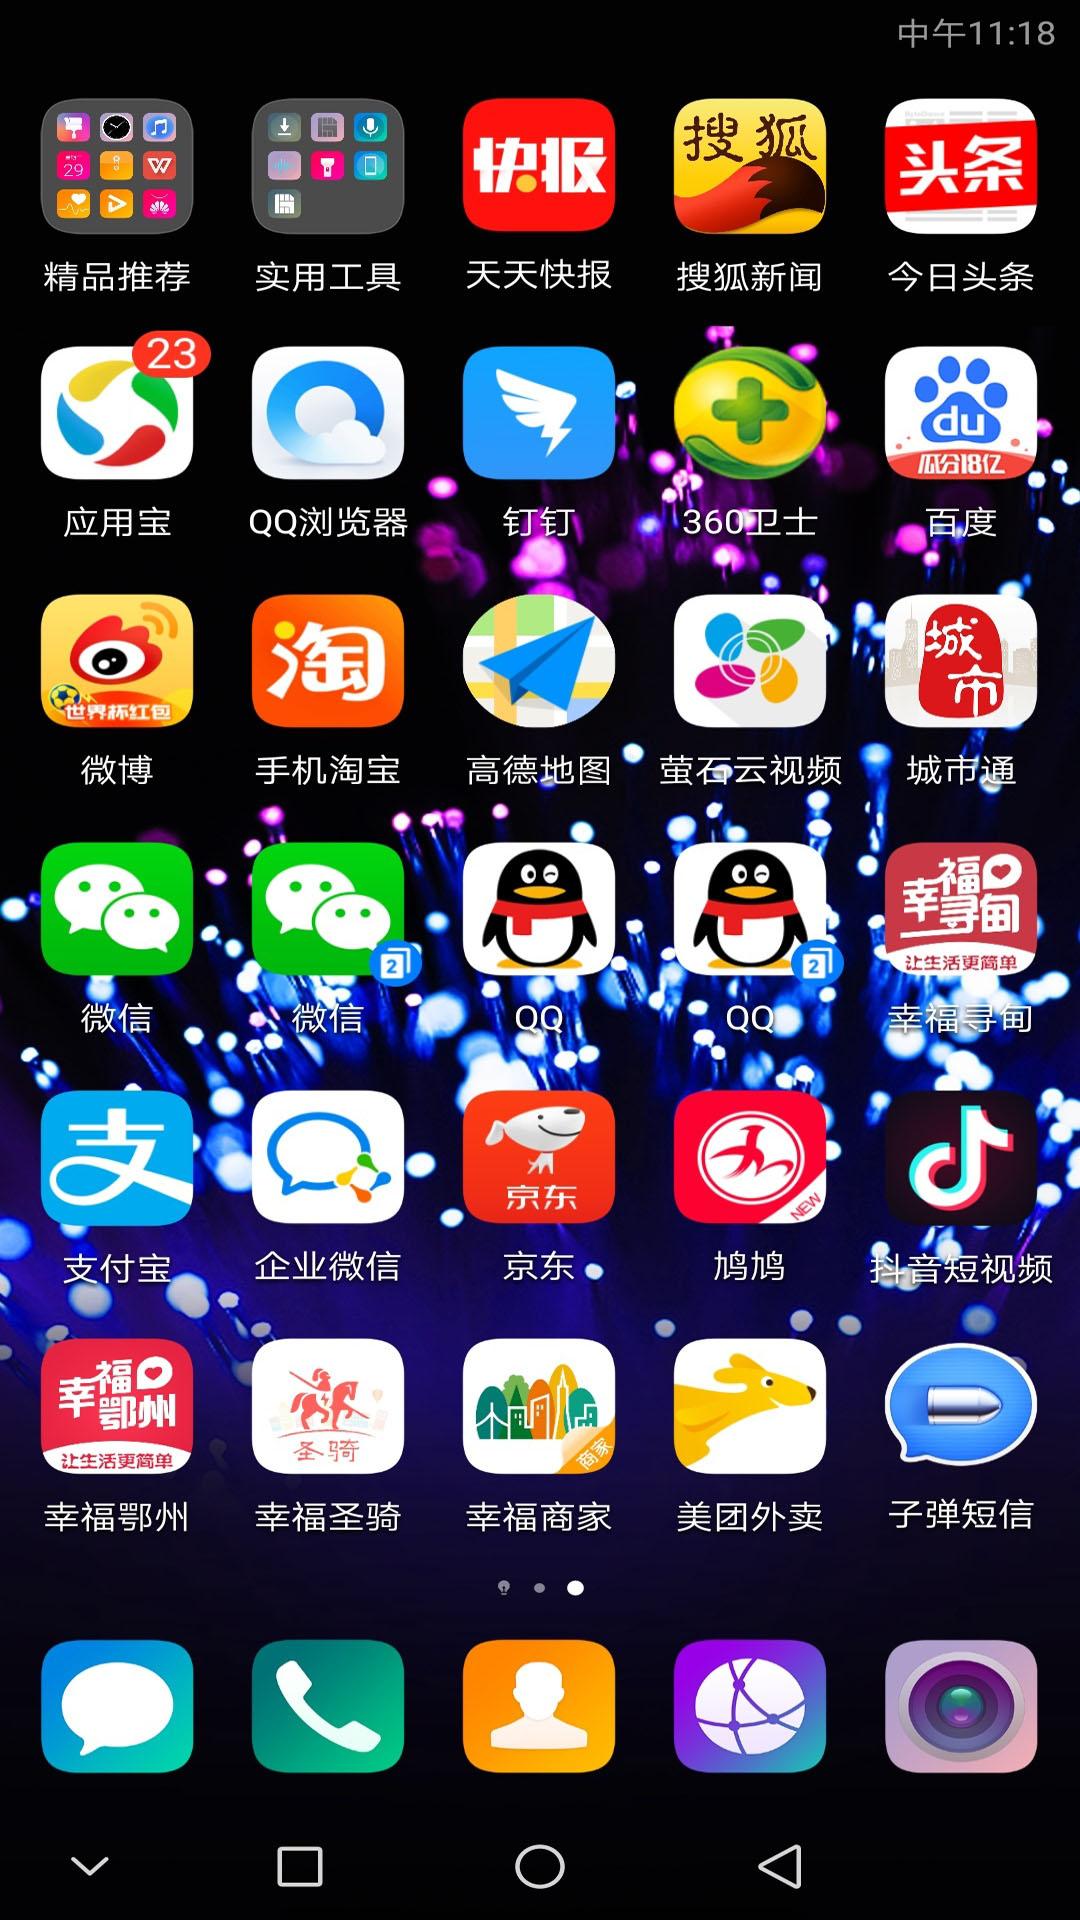 幸福鄂州 V4.0.1 安卓版截图4